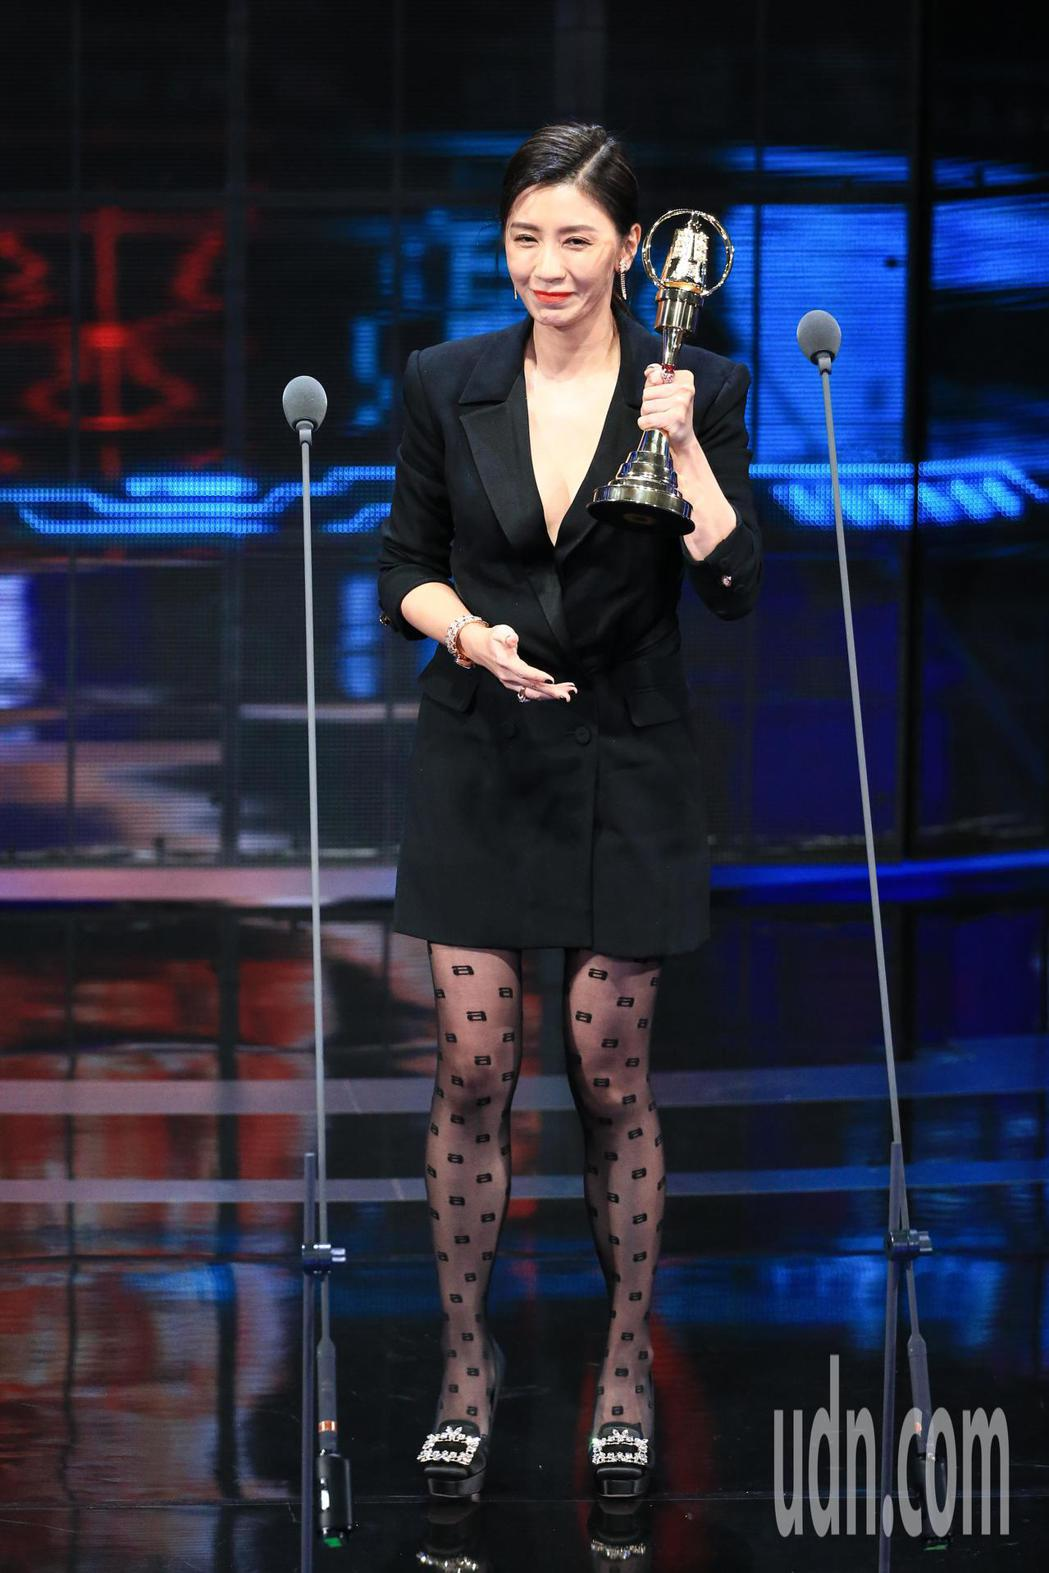 金鐘54/賈靜雯以我們與惡的距離獲得第54屆金鐘獎戲劇節目女主角獎。記者林伯東/